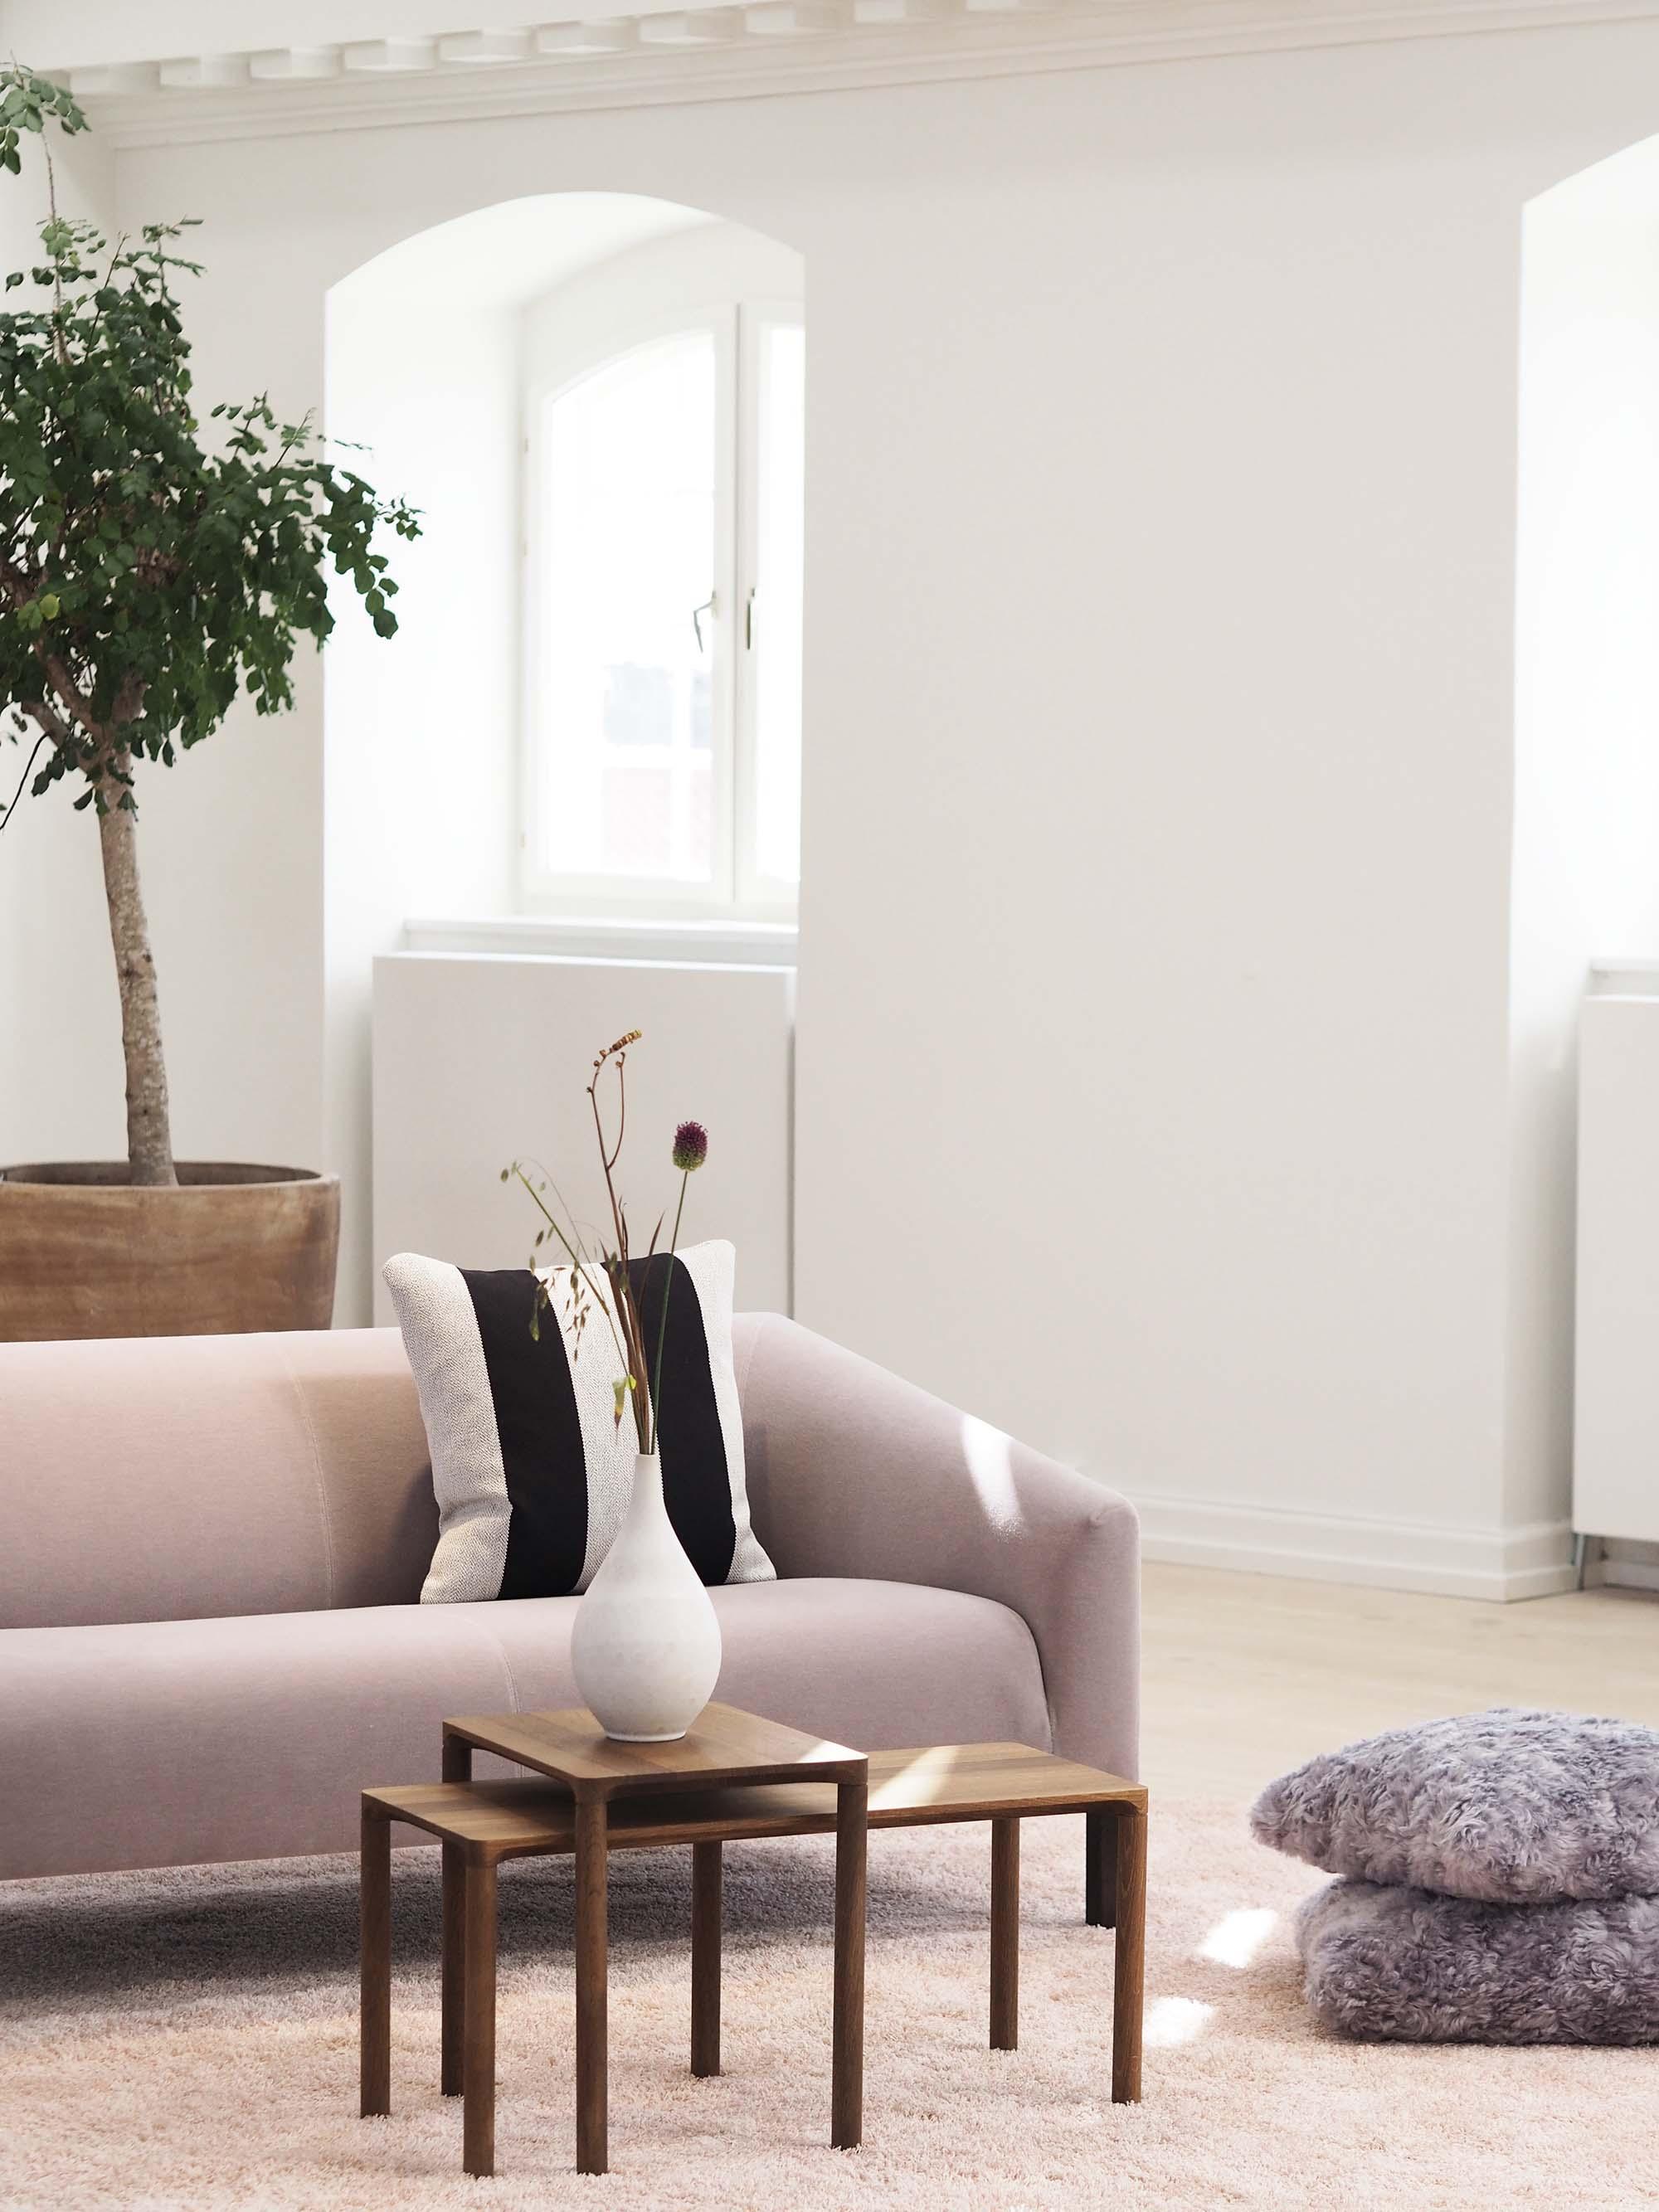 Fredericia Furniture showroom Copenhagen - cate st hill